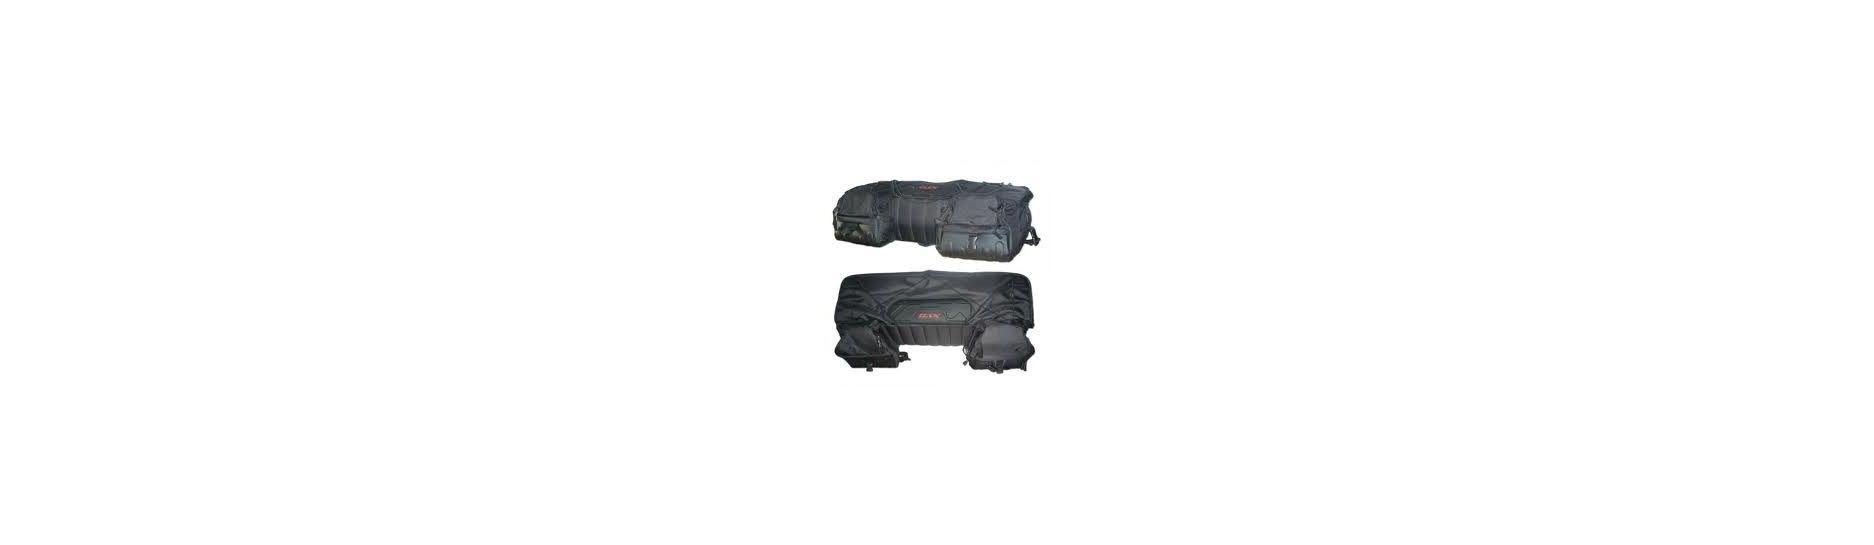 Přední a zadní boxy a kufry pro čtyřkolky